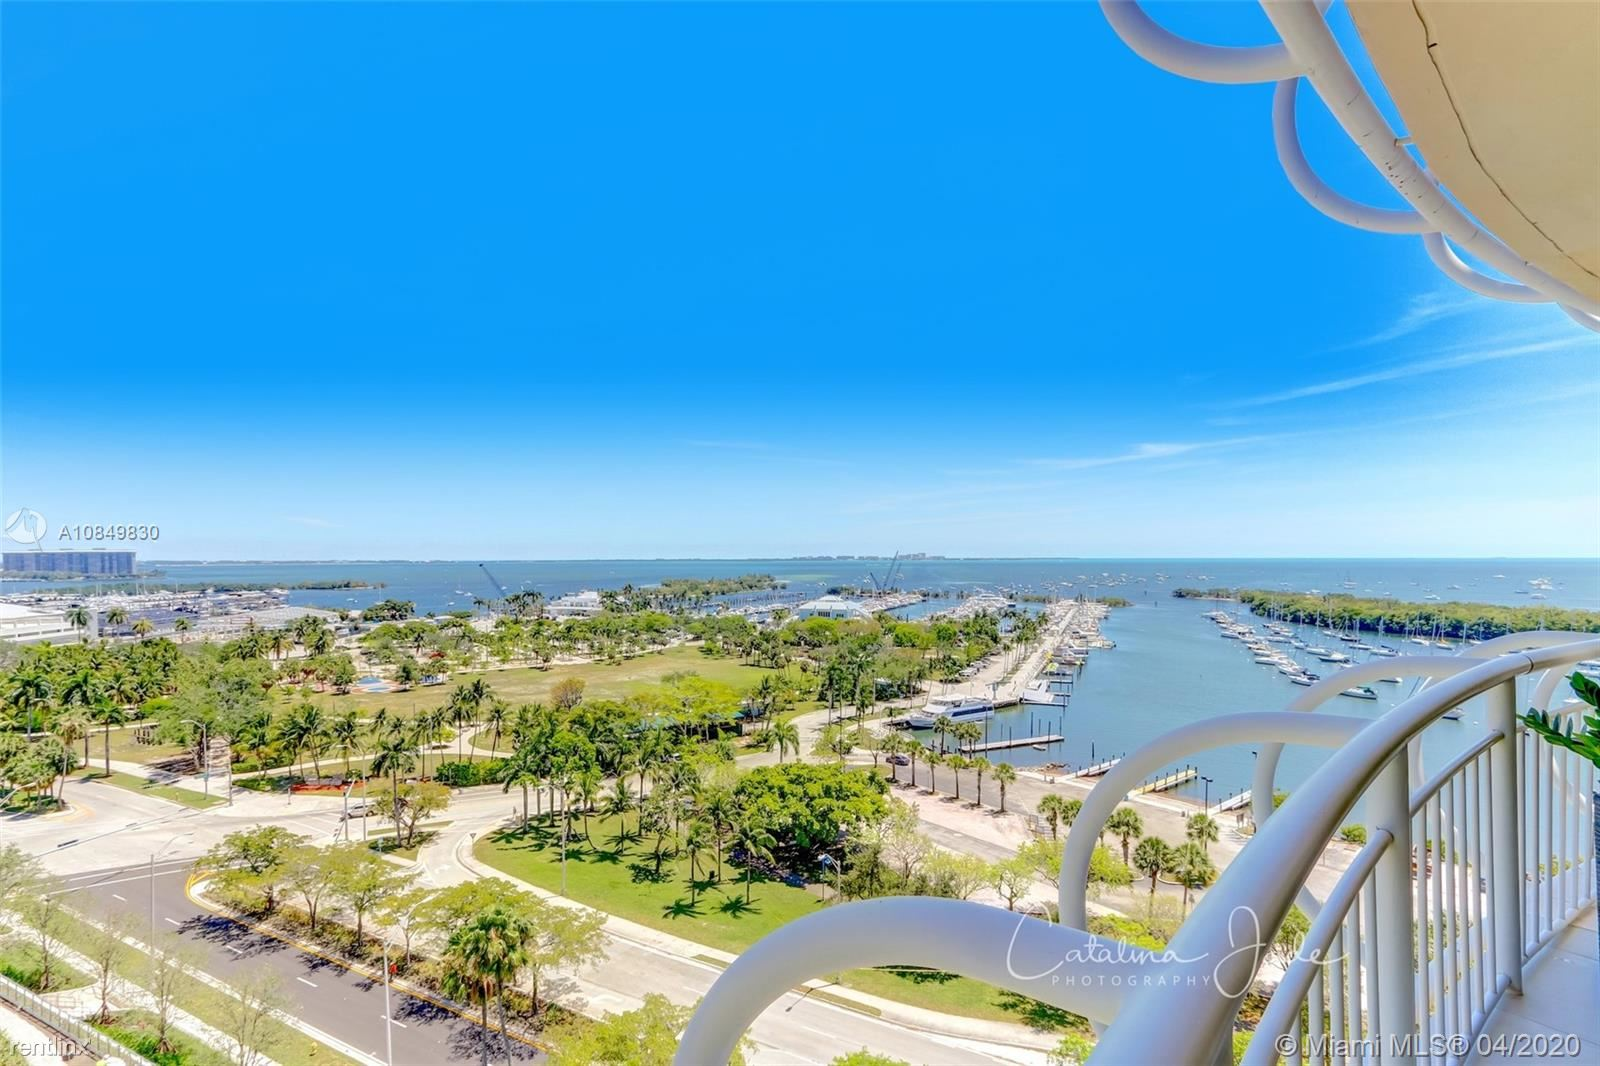 2843 S Bayshore Dr Apt 15E, Coconut Grove, FL - $3,900